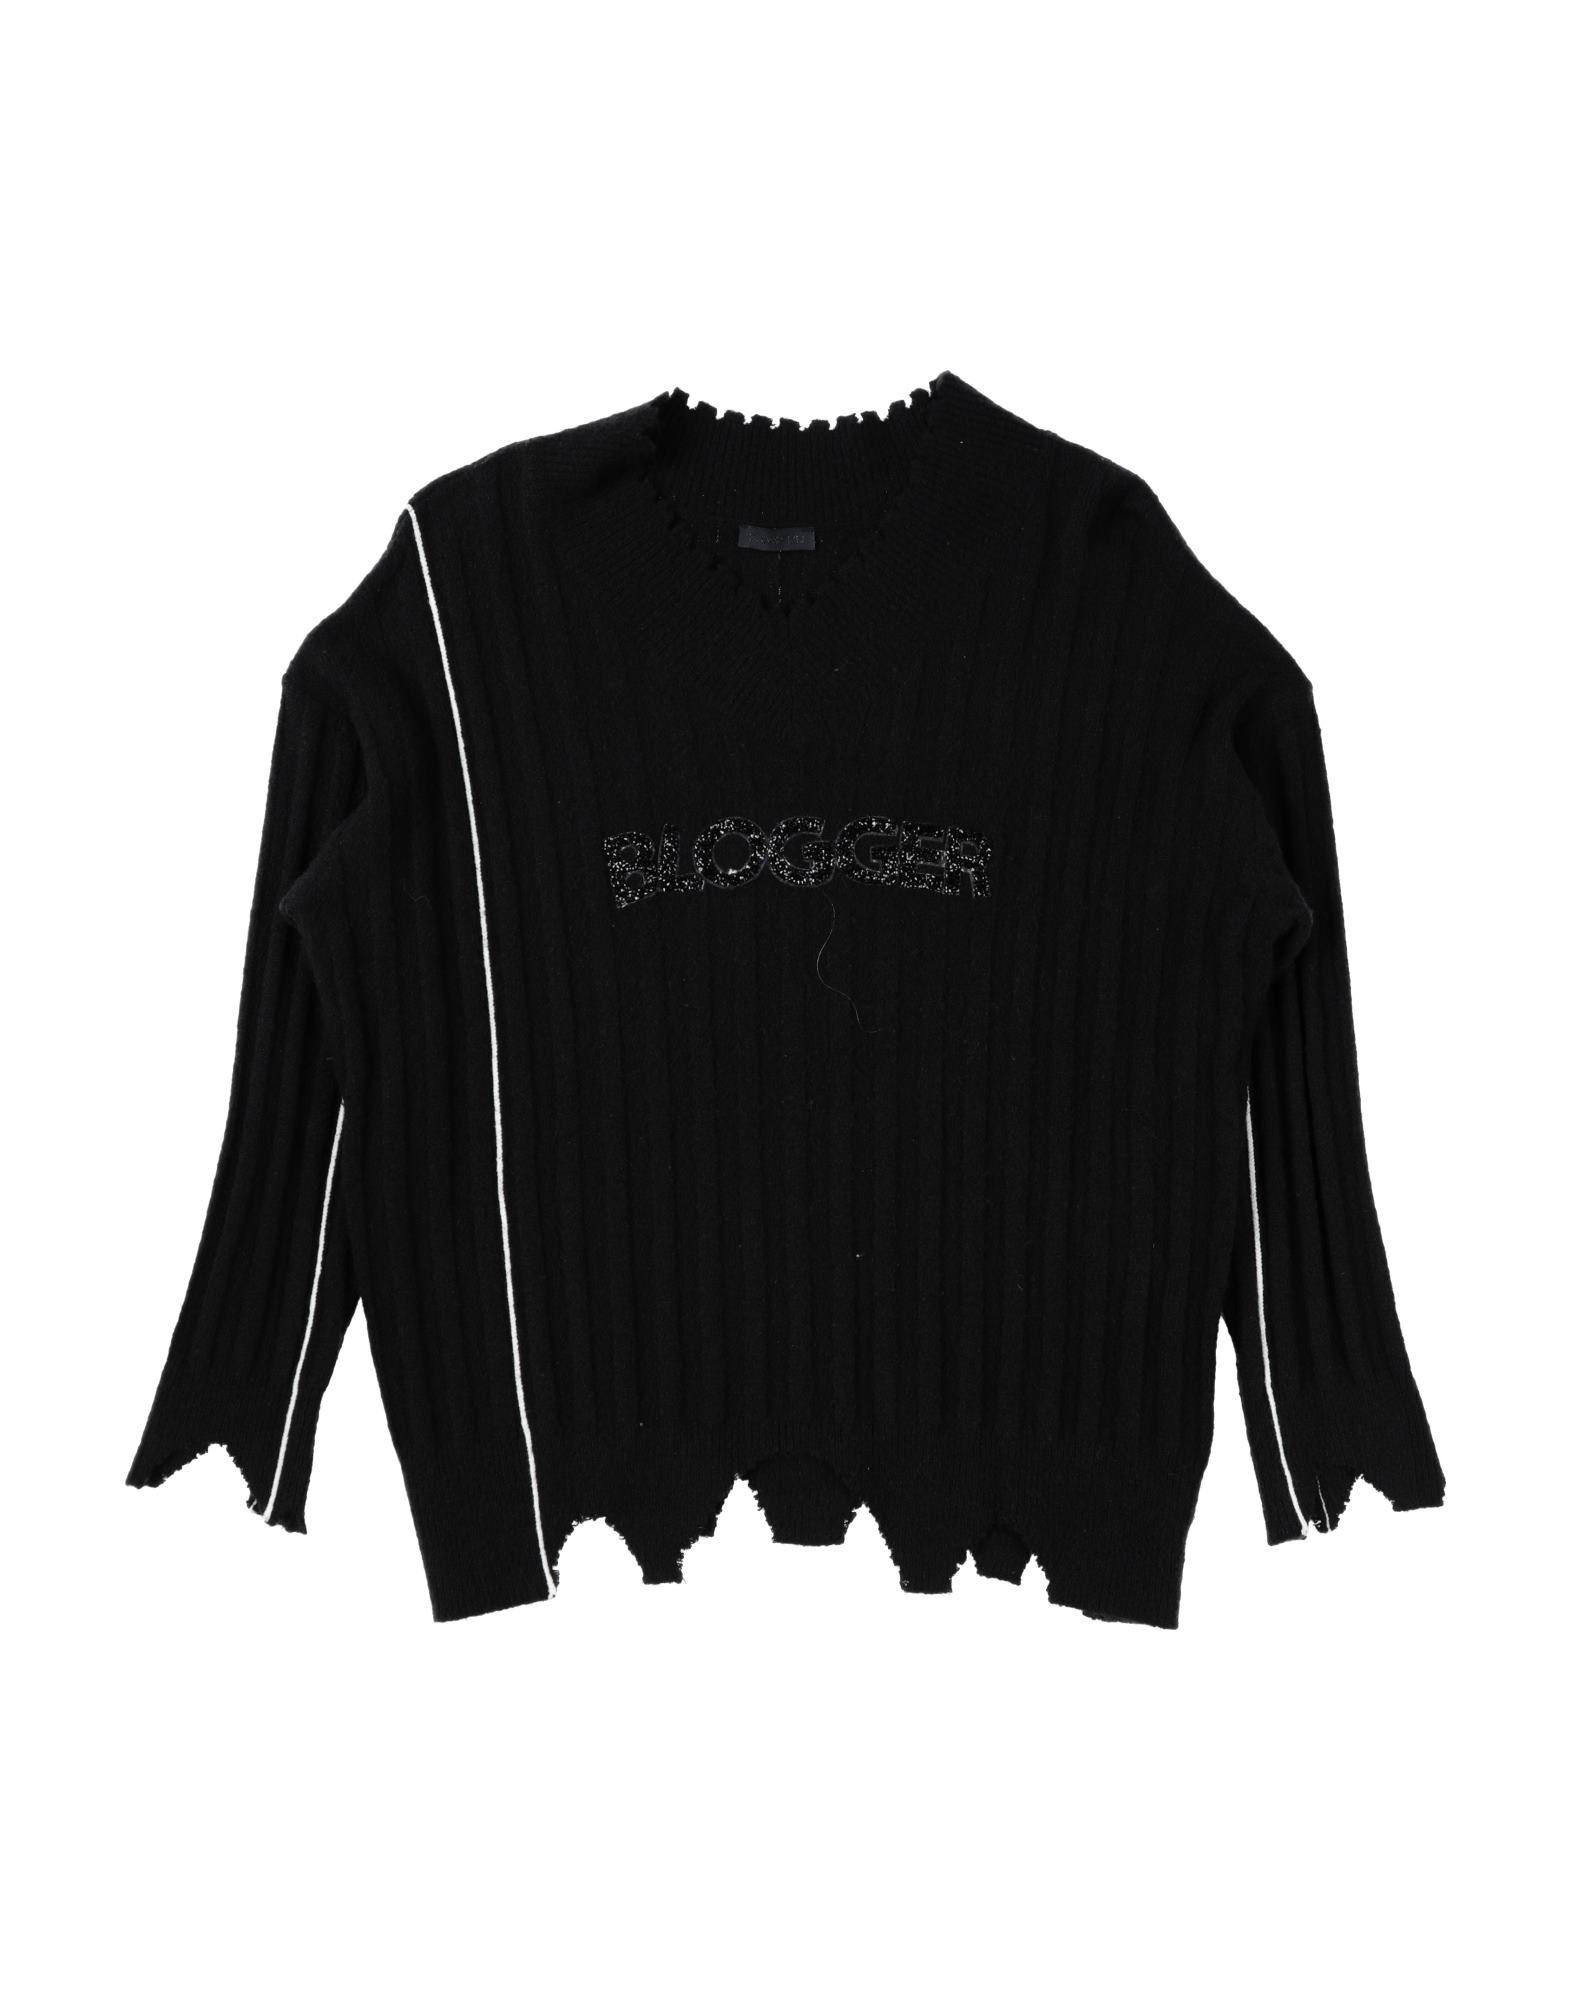 FUN & FUN Sweaters - Item 14084993